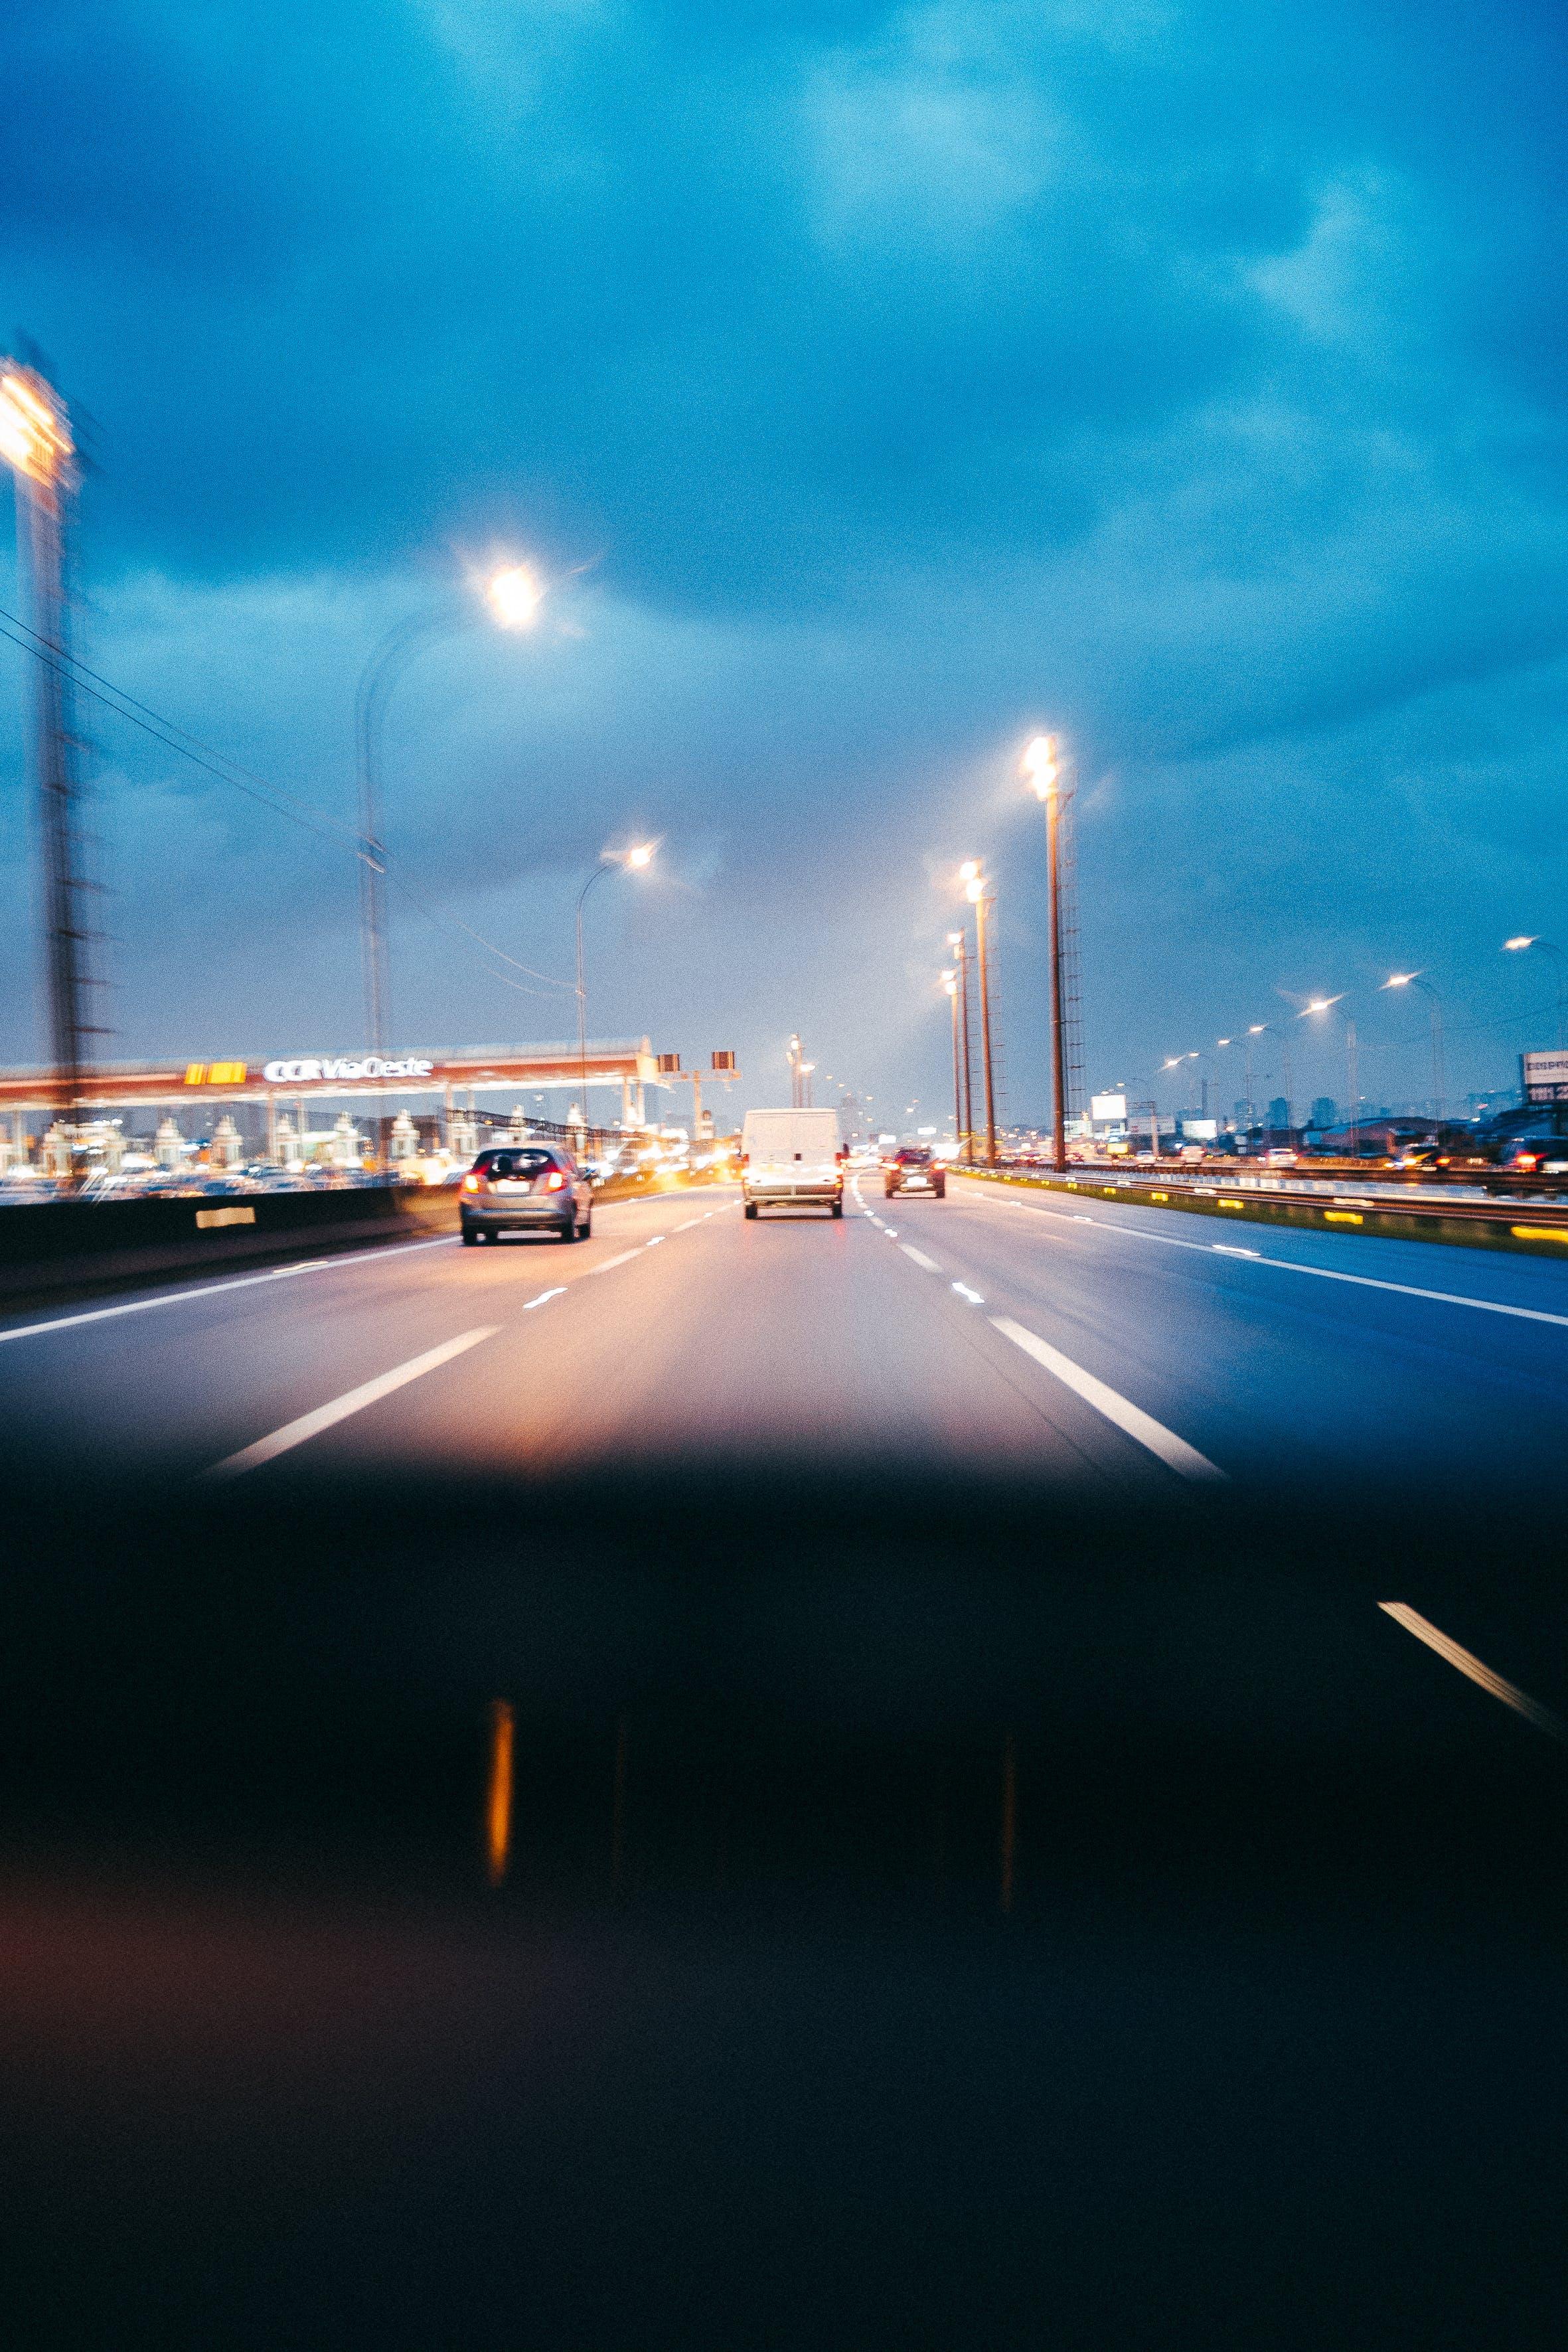 Gratis stockfoto met avond, belicht, binnenstad, brug